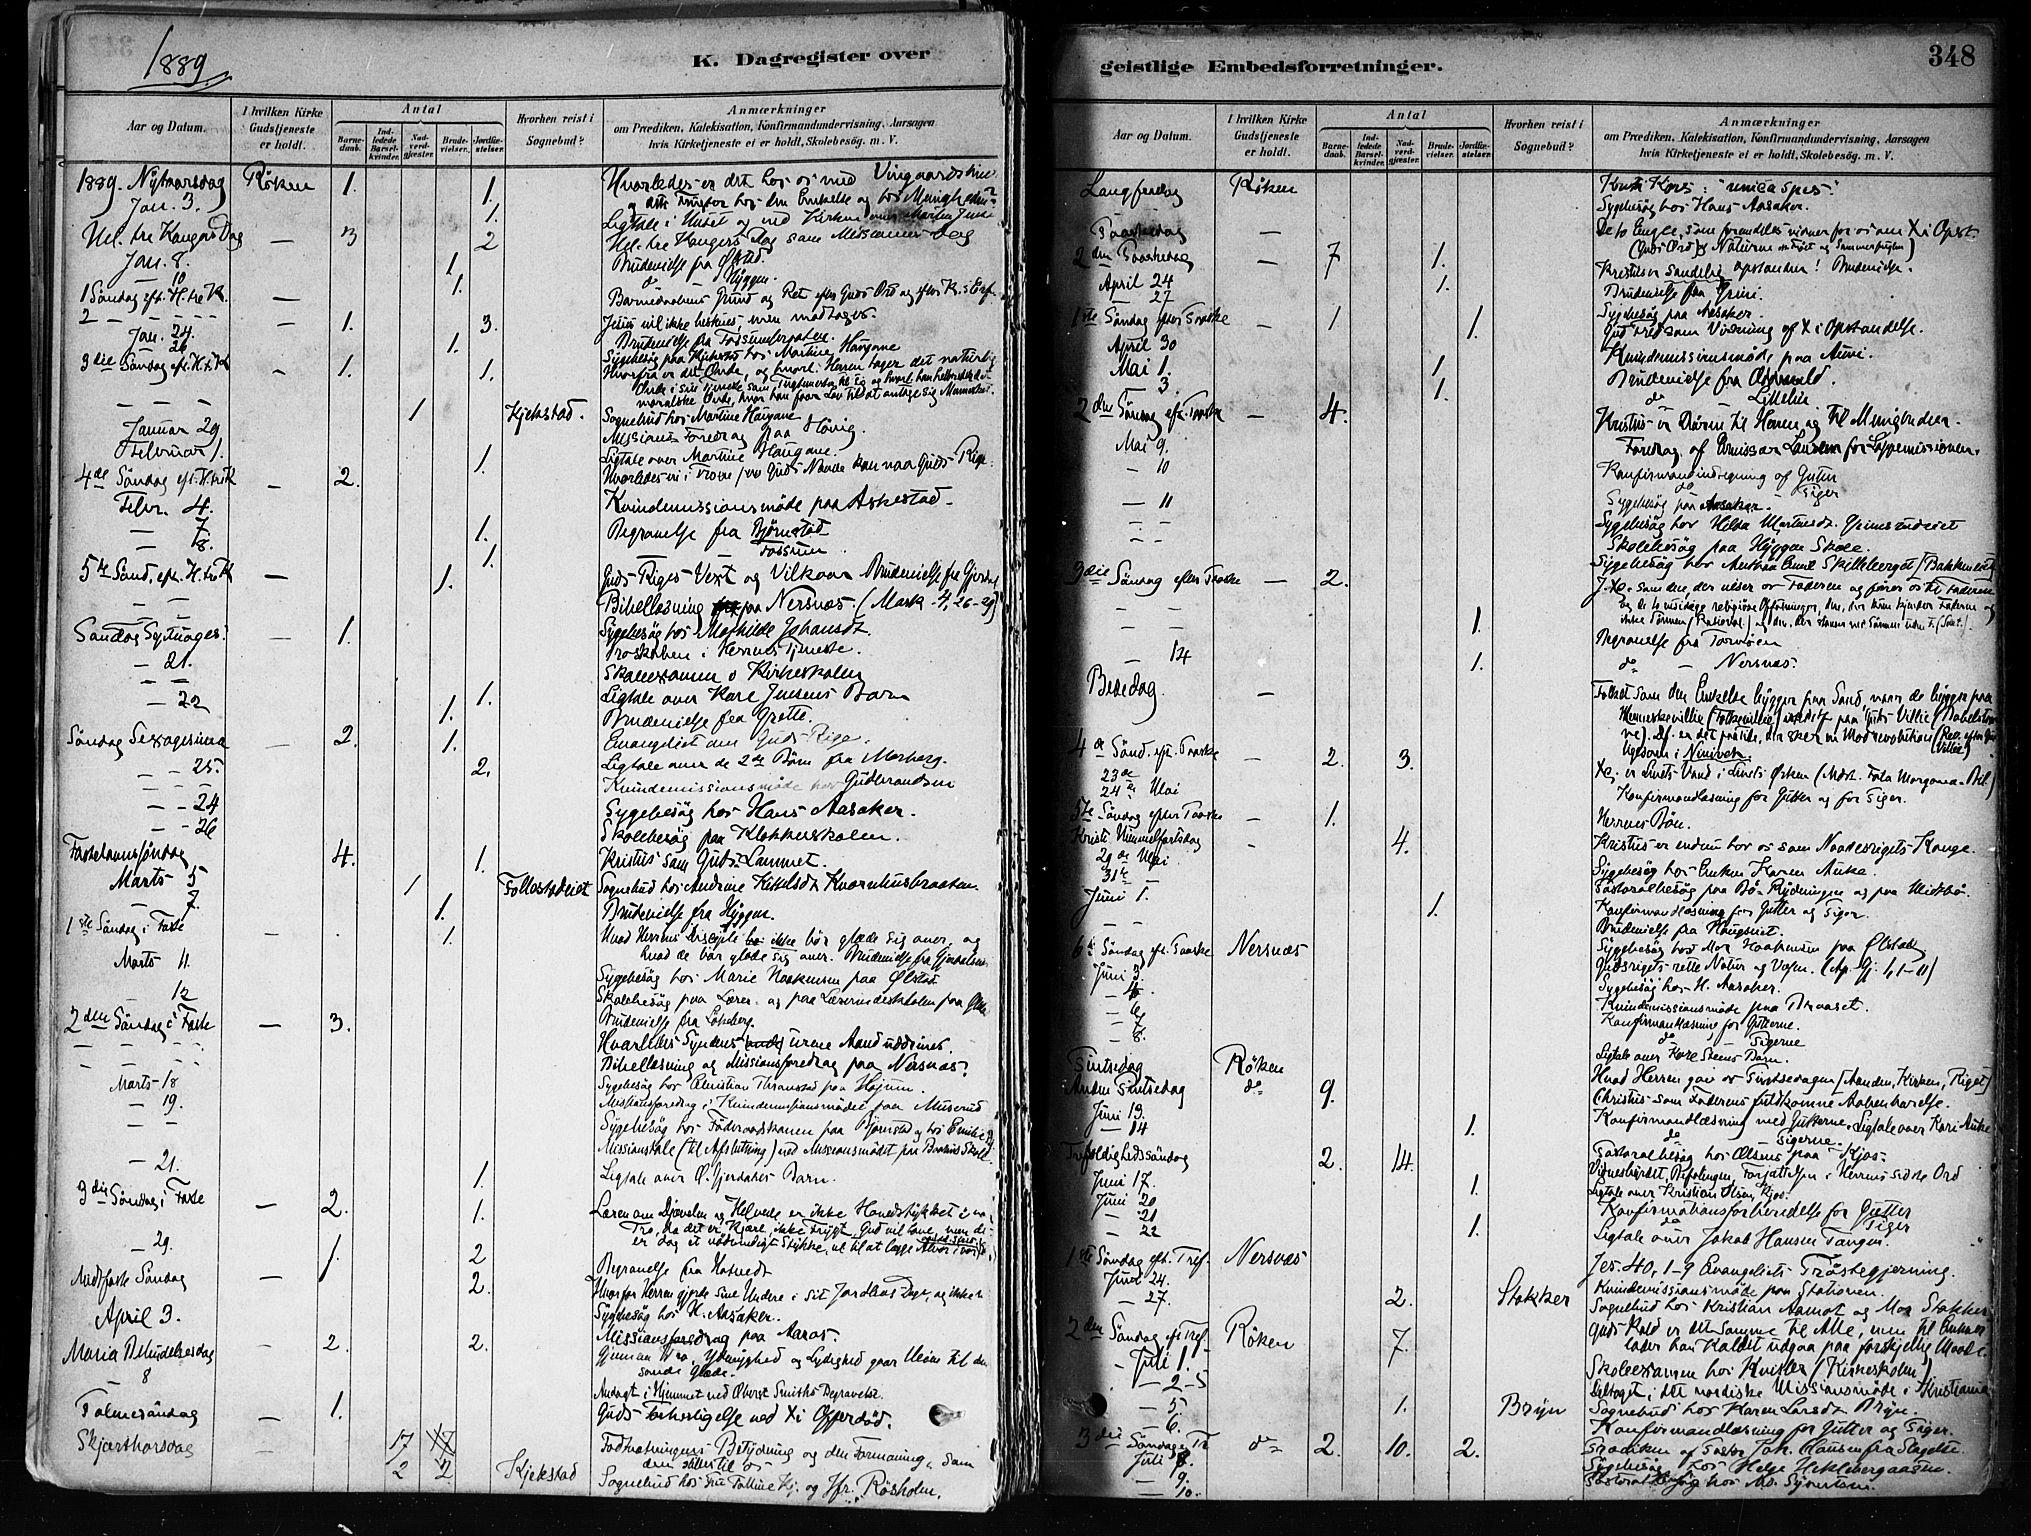 SAKO, Røyken kirkebøker, F/Fa/L0008: Ministerialbok nr. 8, 1880-1897, s. 348